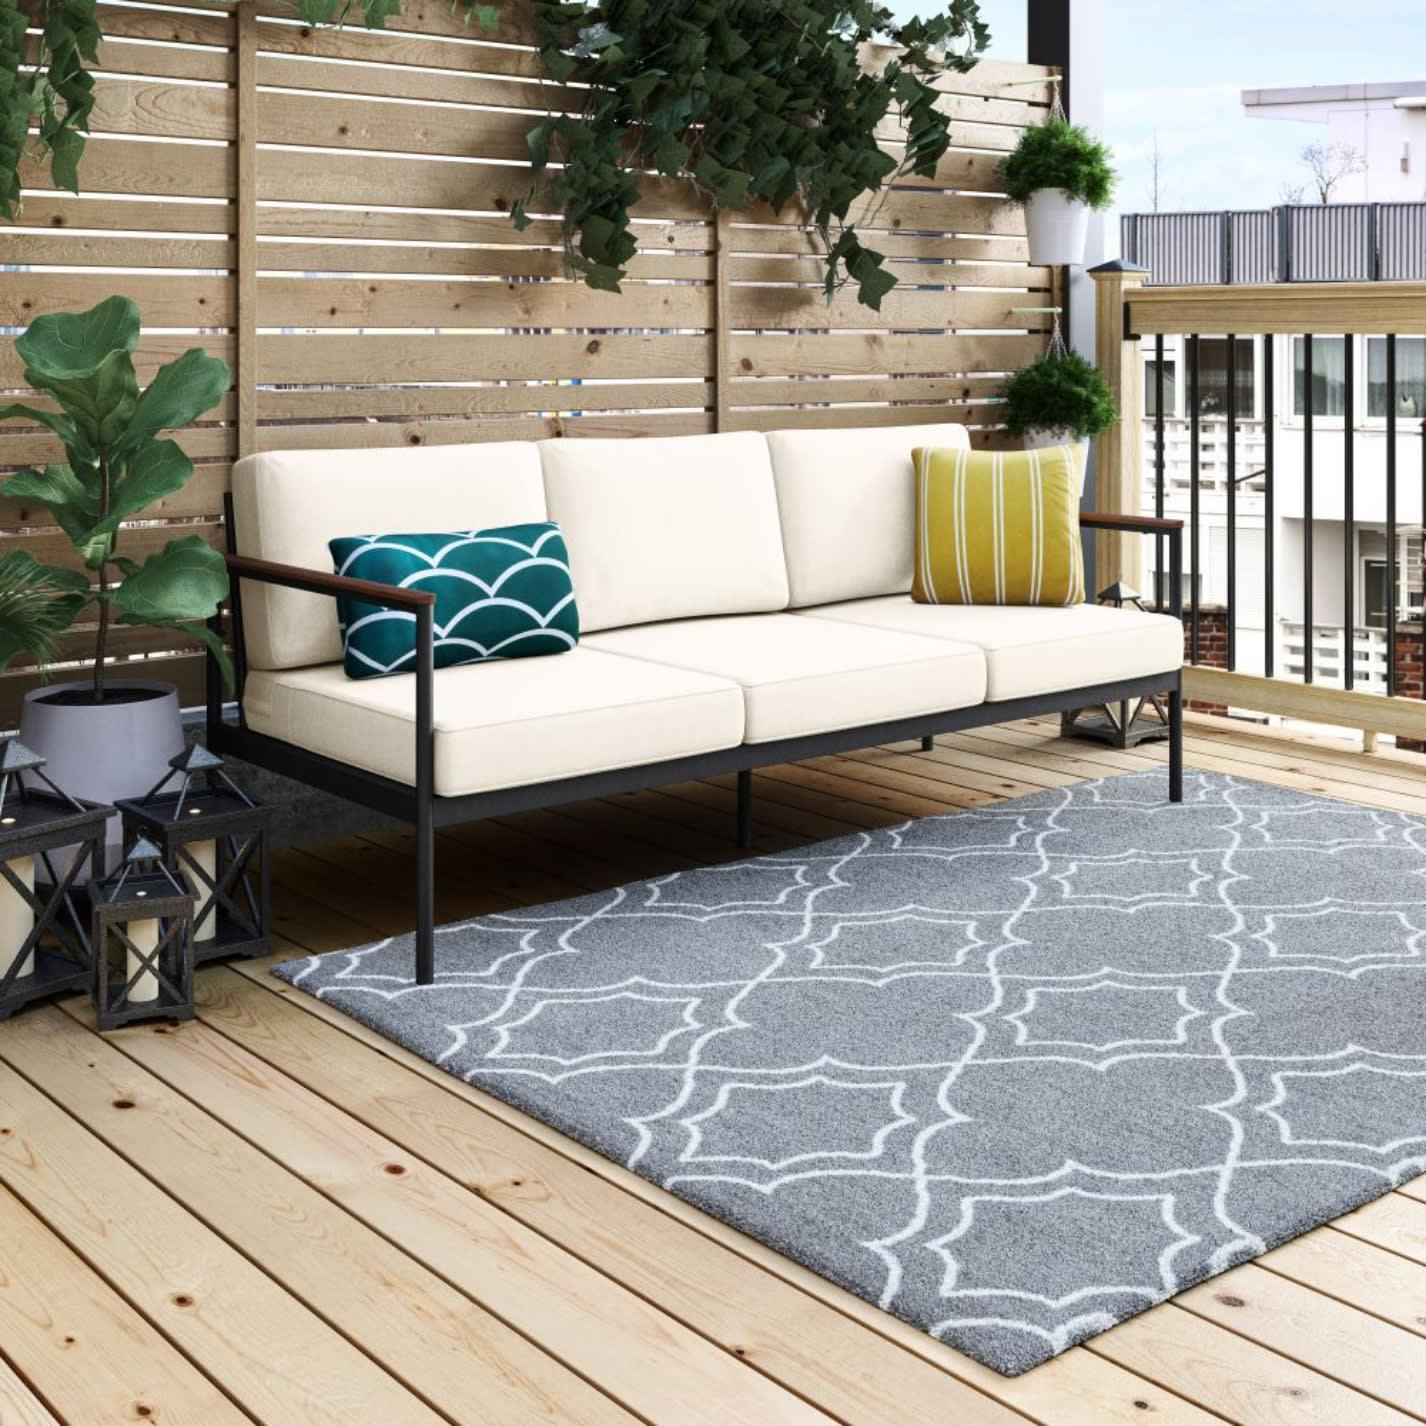 Zinus Savannah Sofa